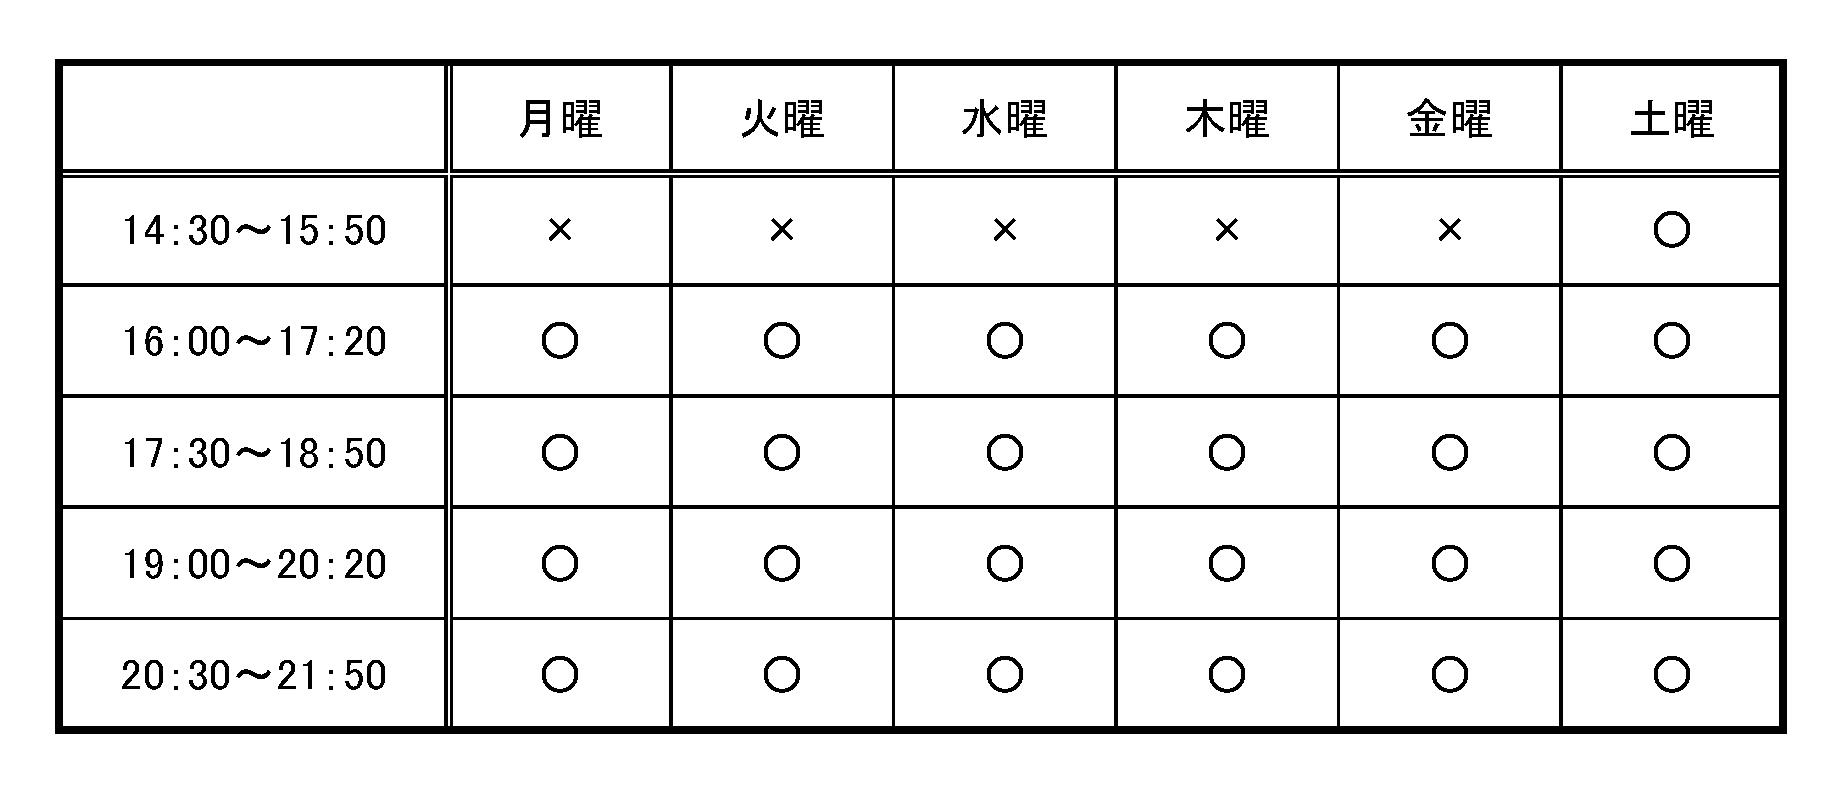 授業時間割表(追加分)